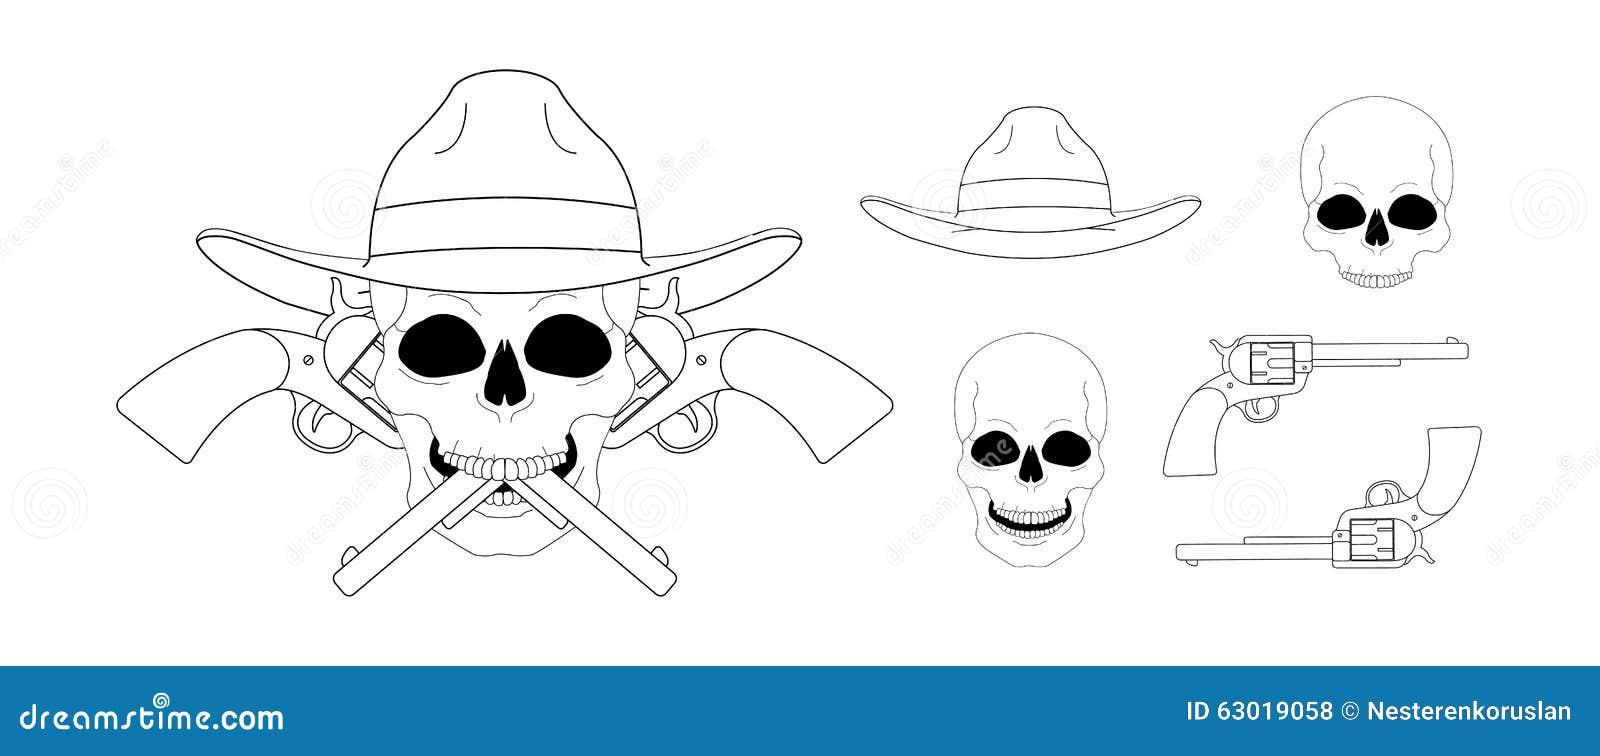 Череп в эмблеме пистолетов шляпы 2 пересеченной линейно